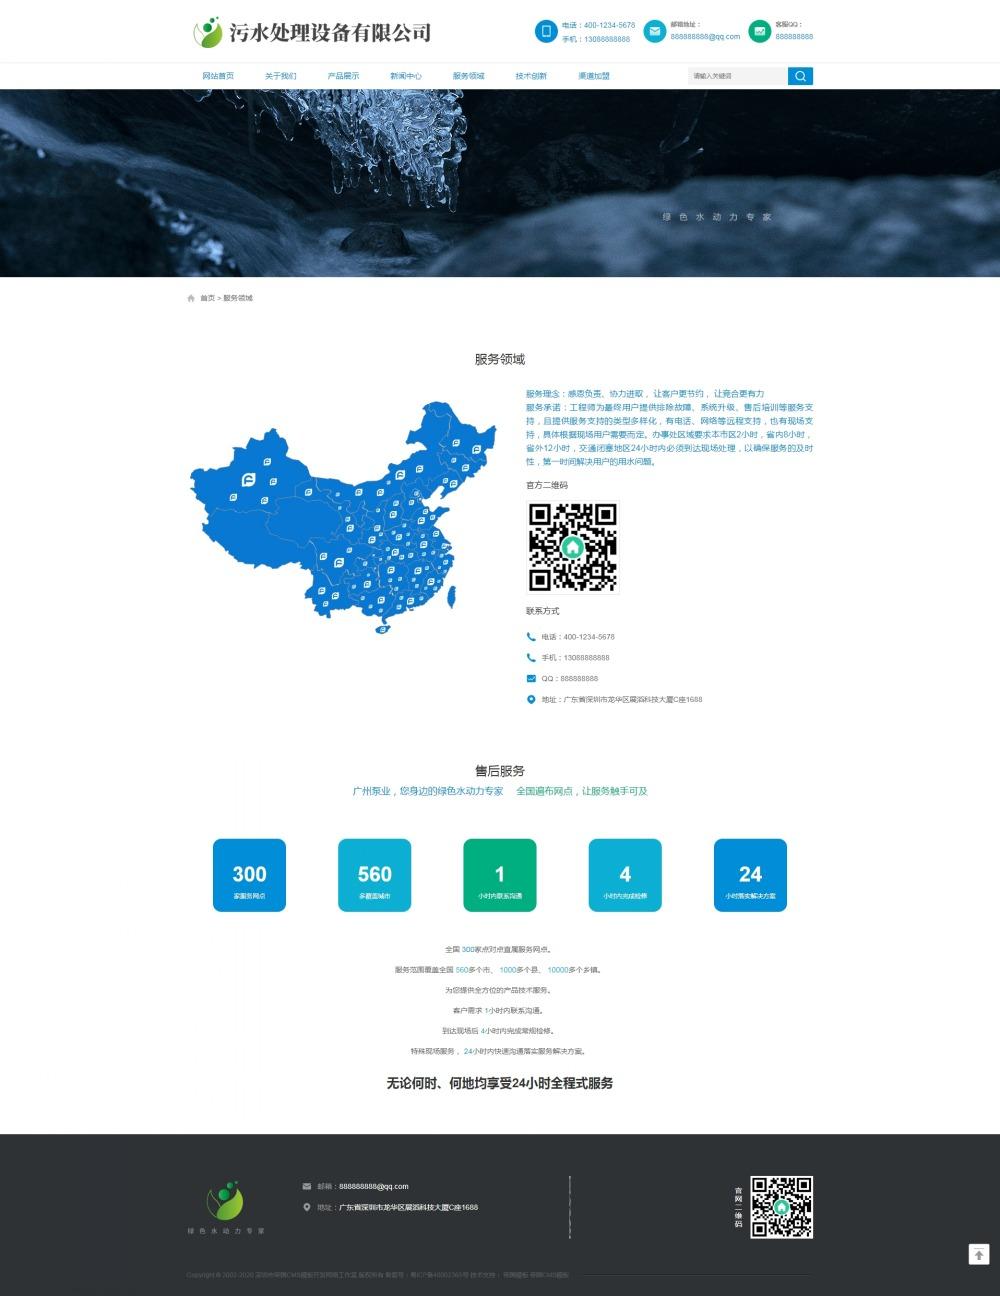 5服务领域.jpg [DG-0182]响应式环保污水处理设备类网站帝国cms模板 html5绿色环保设备帝国网站源码 企业模板 第5张